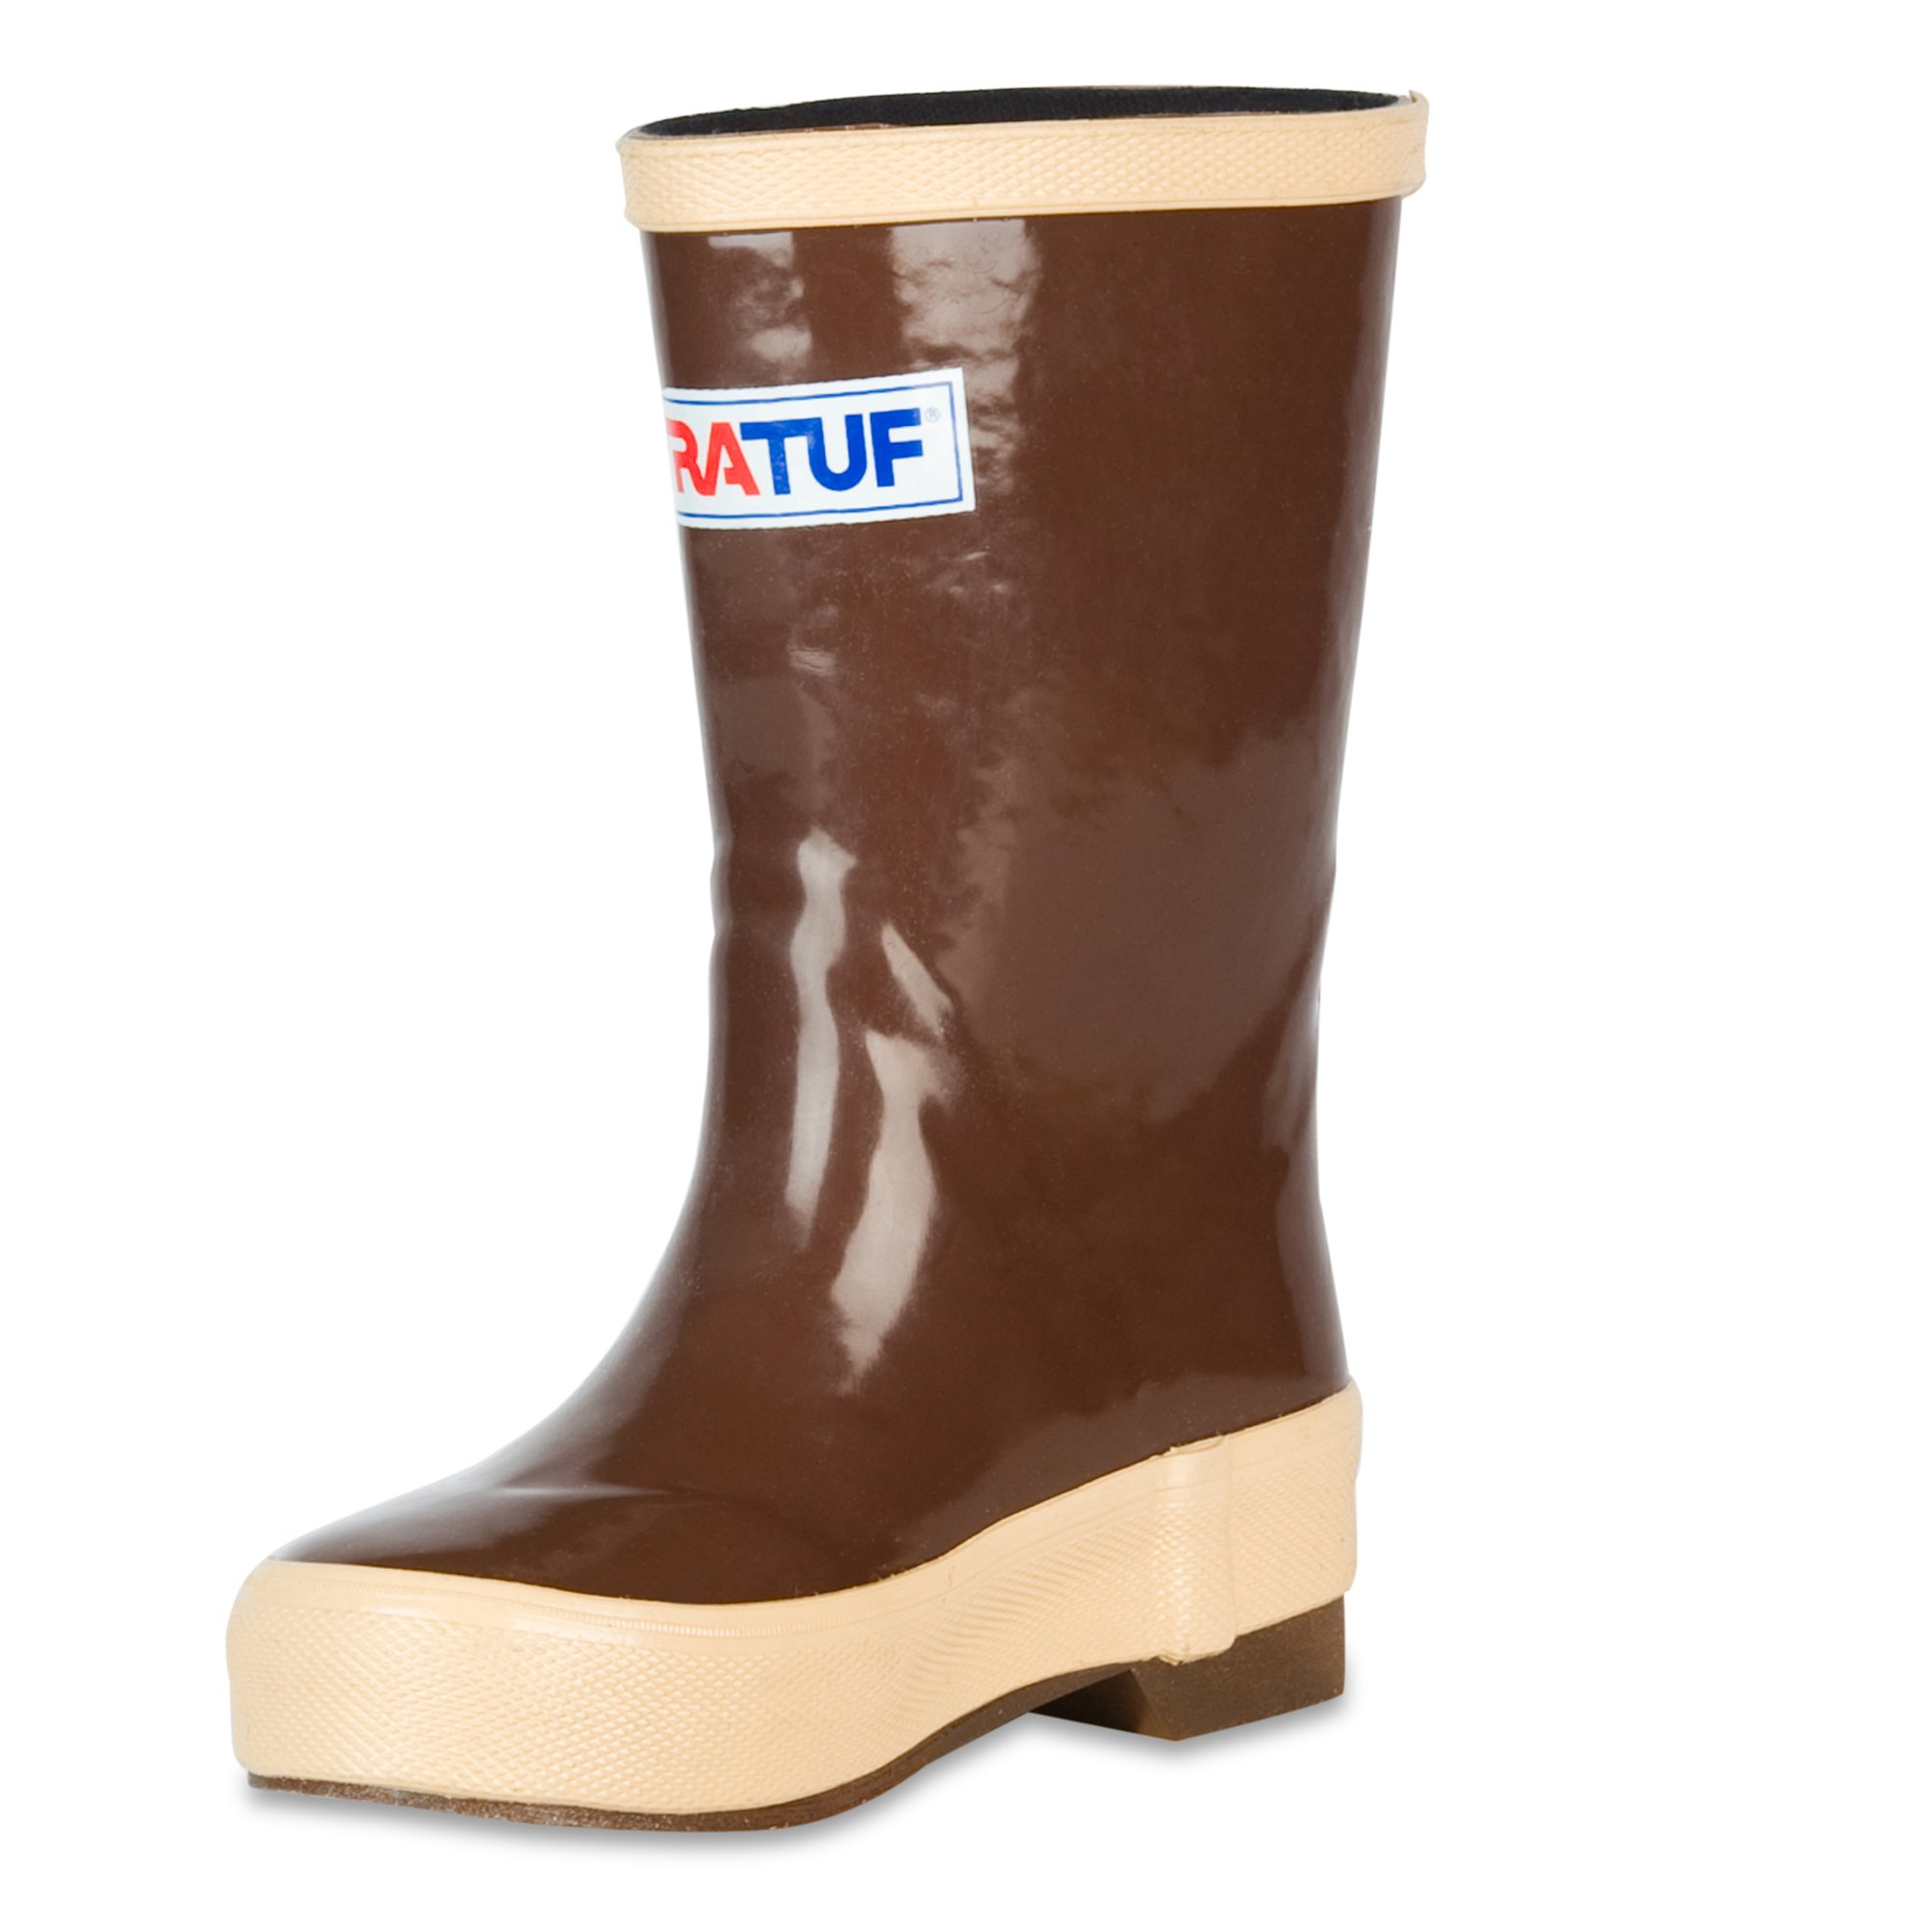 """XTRATUF Legacy Kids Series 8"""" Neoprene Kids' Boots, Copper & Tan (22681G)"""